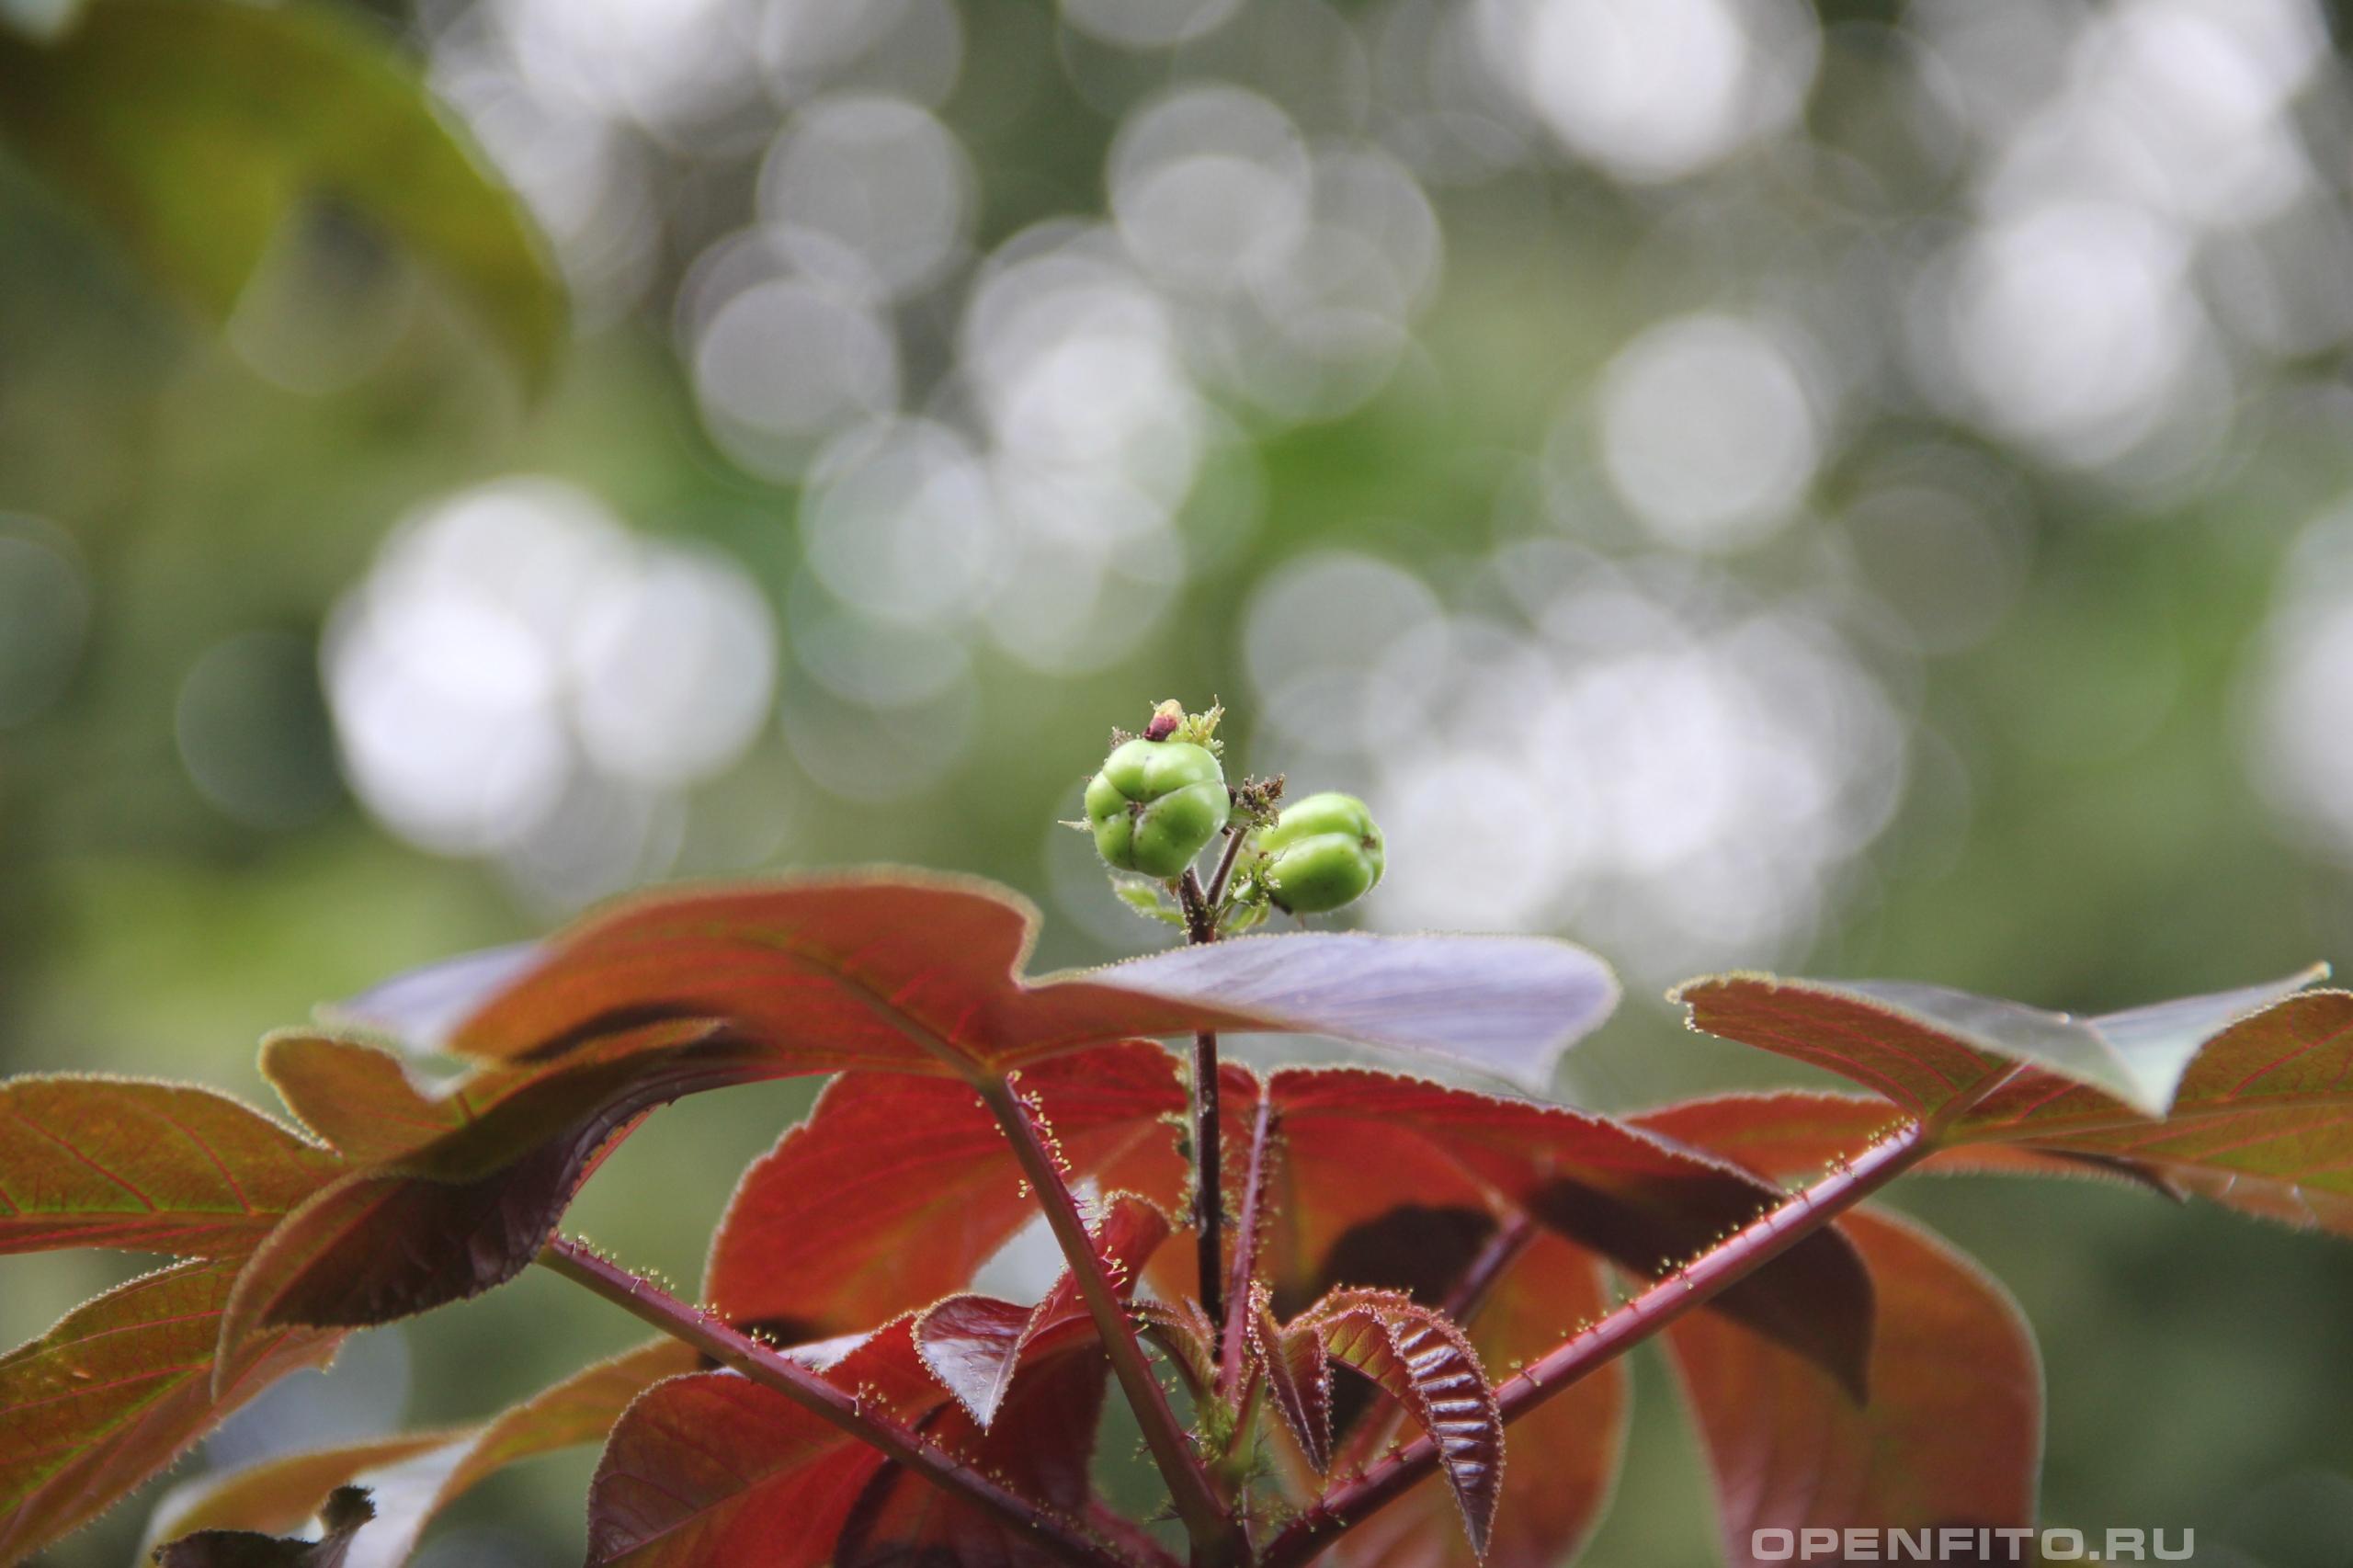 Ятрофа хлопчатниколистная незрелые плоды лекарственного растения